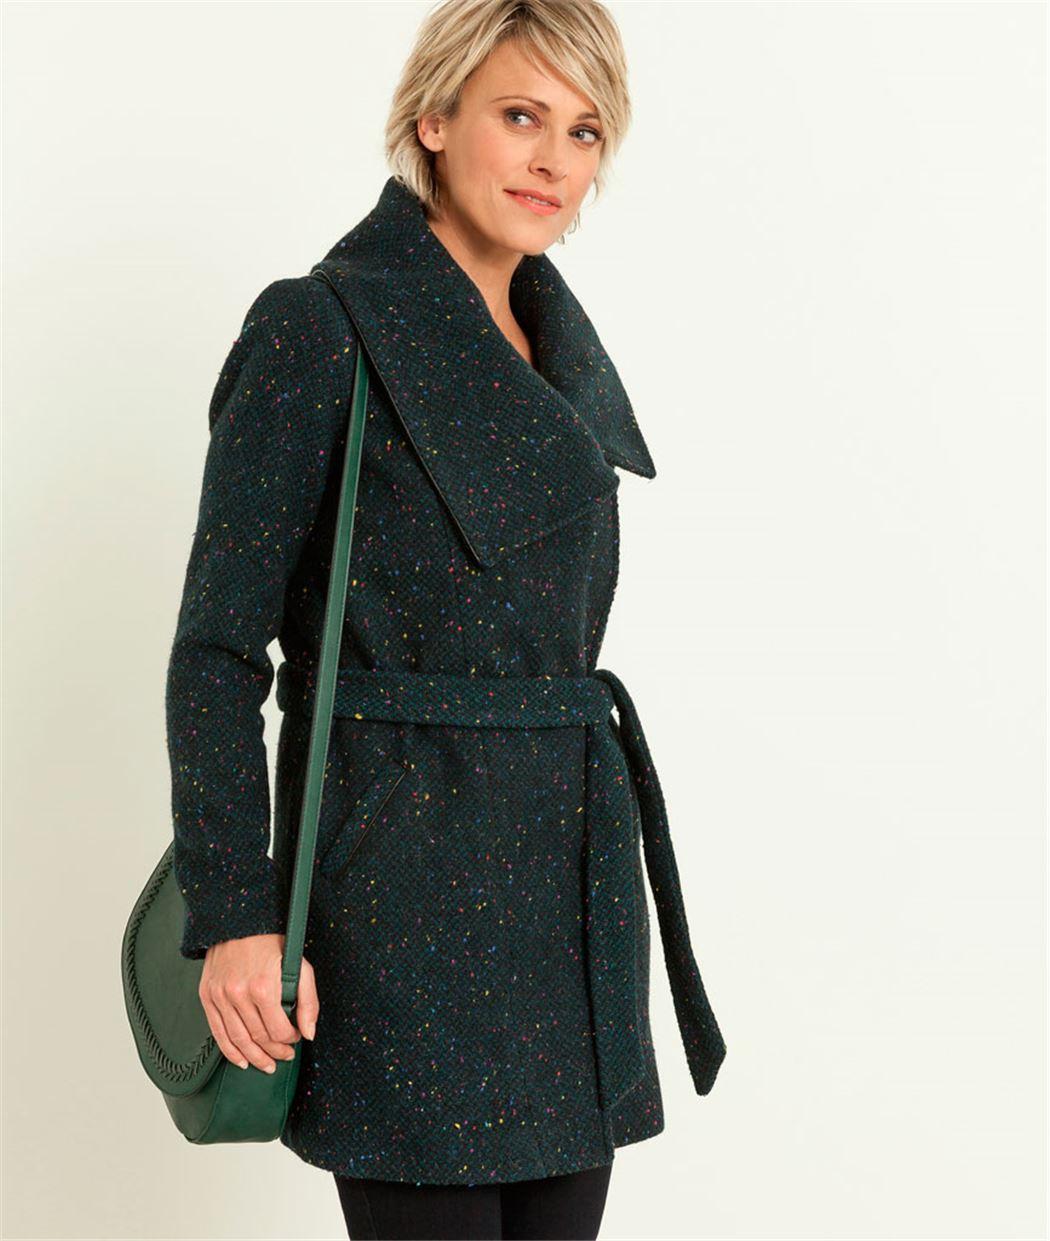 Manteau femme lainage fantaisie VERT